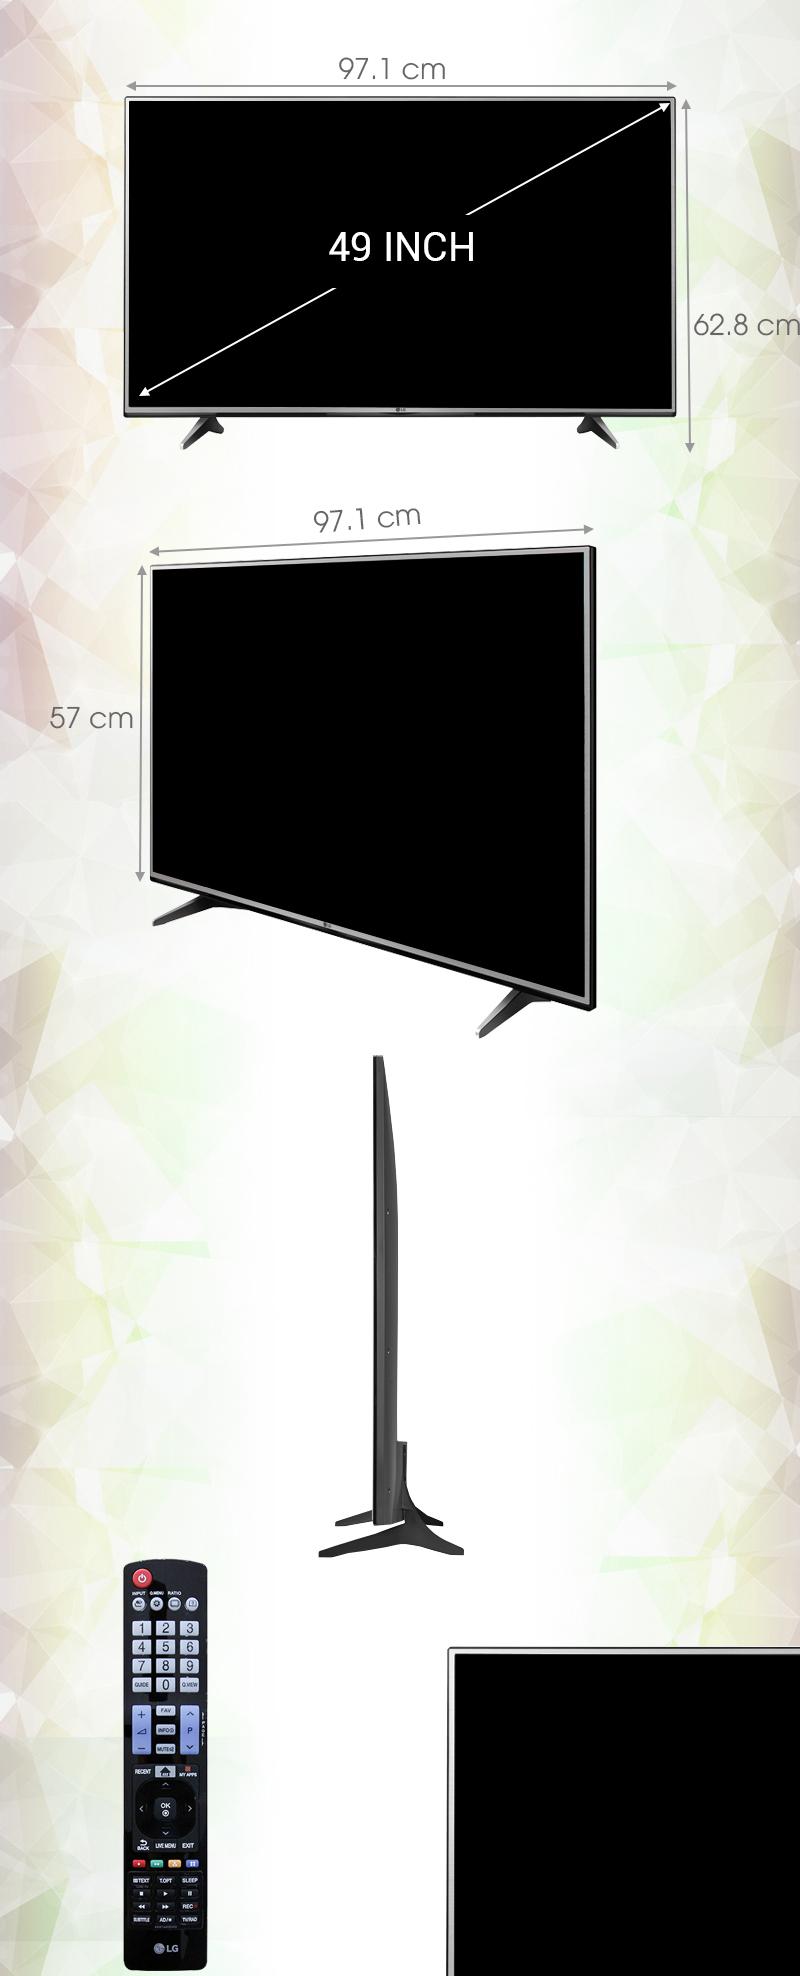 Smart Tivi LG 49 inch 49UH600T -Kích thước tivi